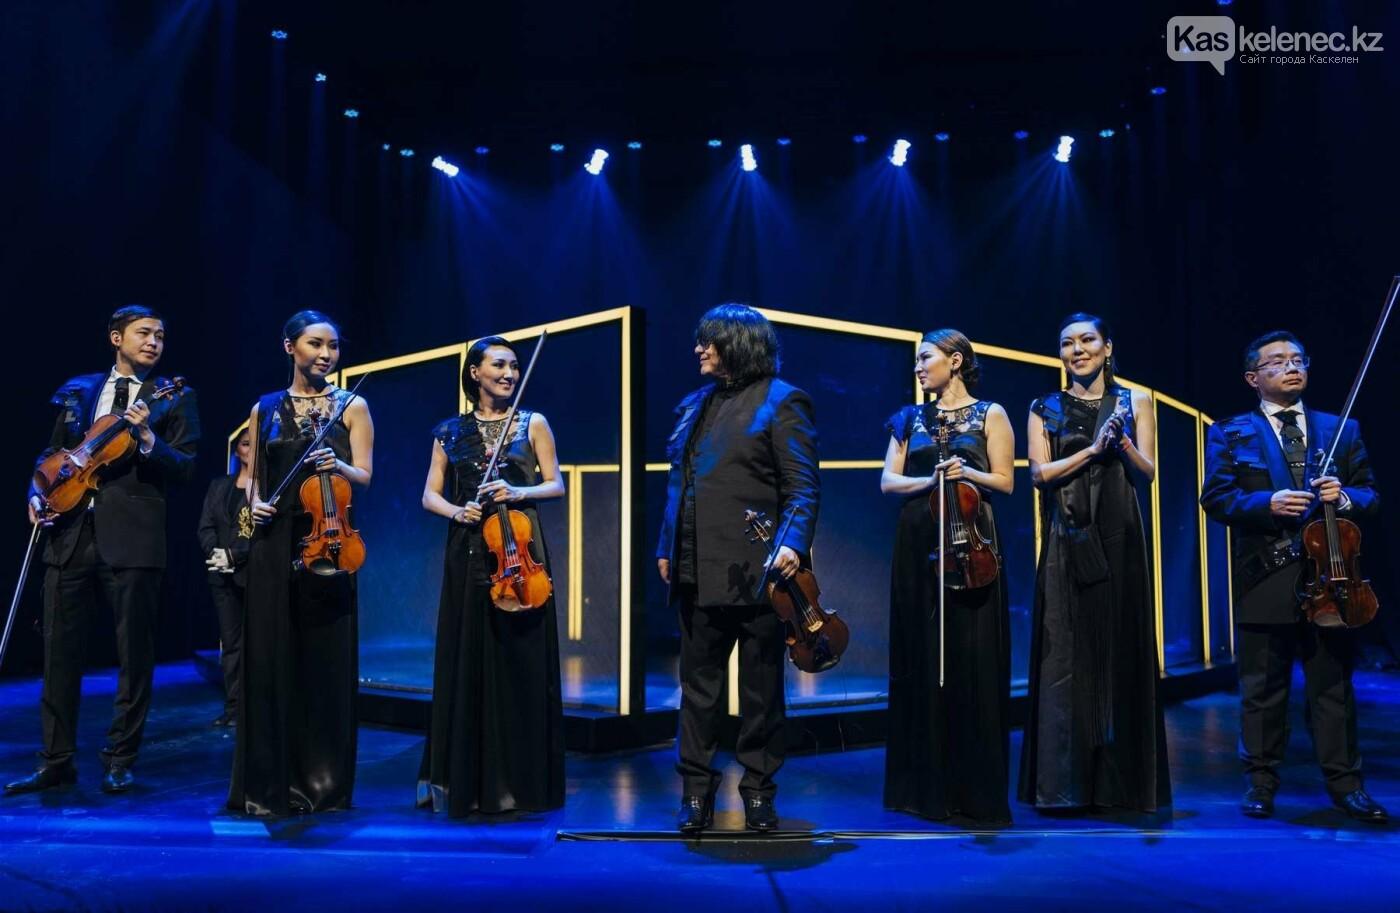 История мистера Адама: Марат Бисенгалиев разрушает стереотипы в классической музыке, фото-6